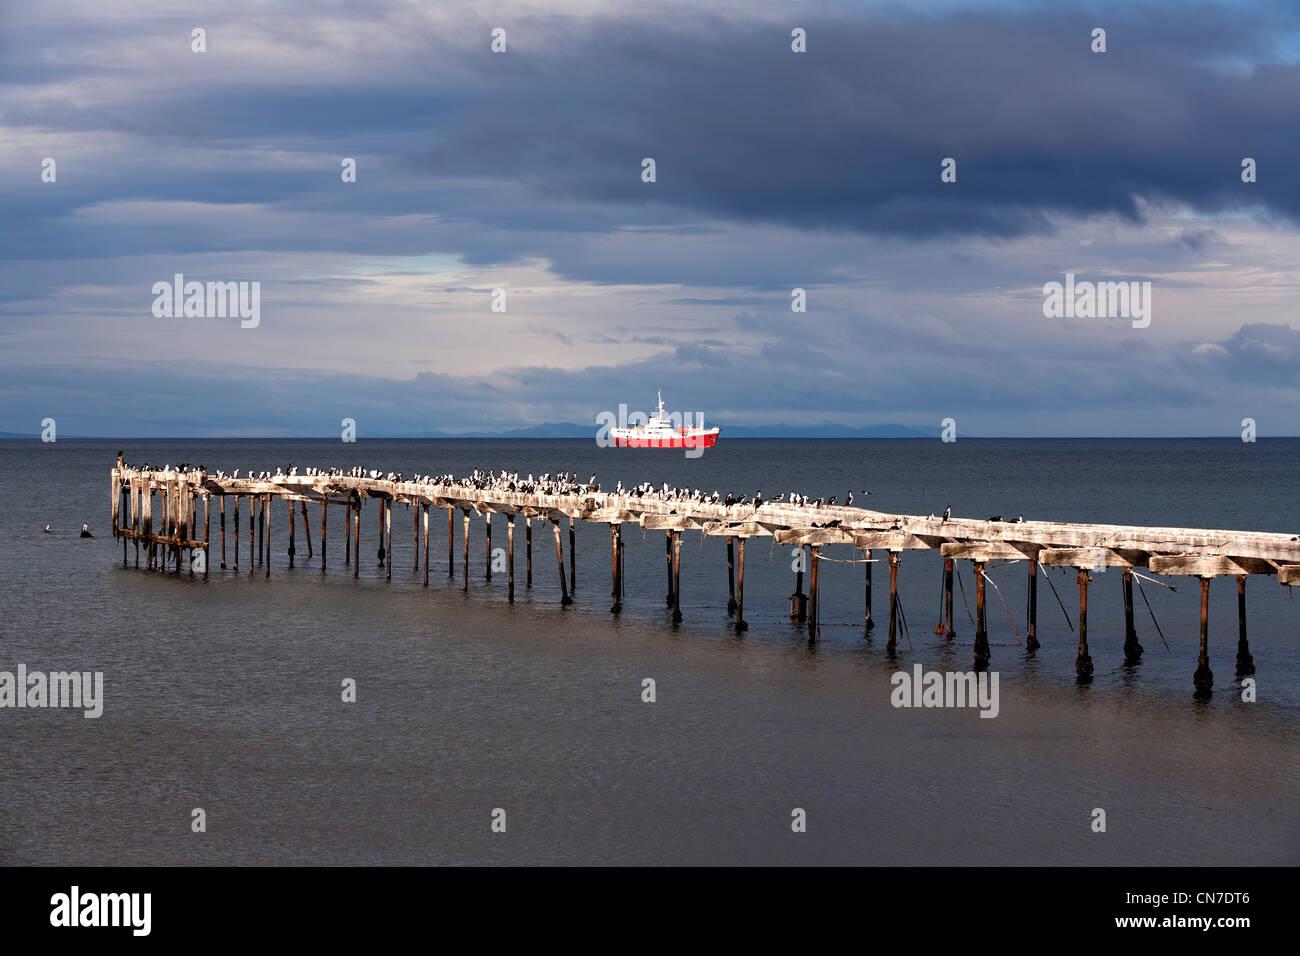 Punta Arenas, Magellan strait, Patagonia, Chile, South America - Stock Image